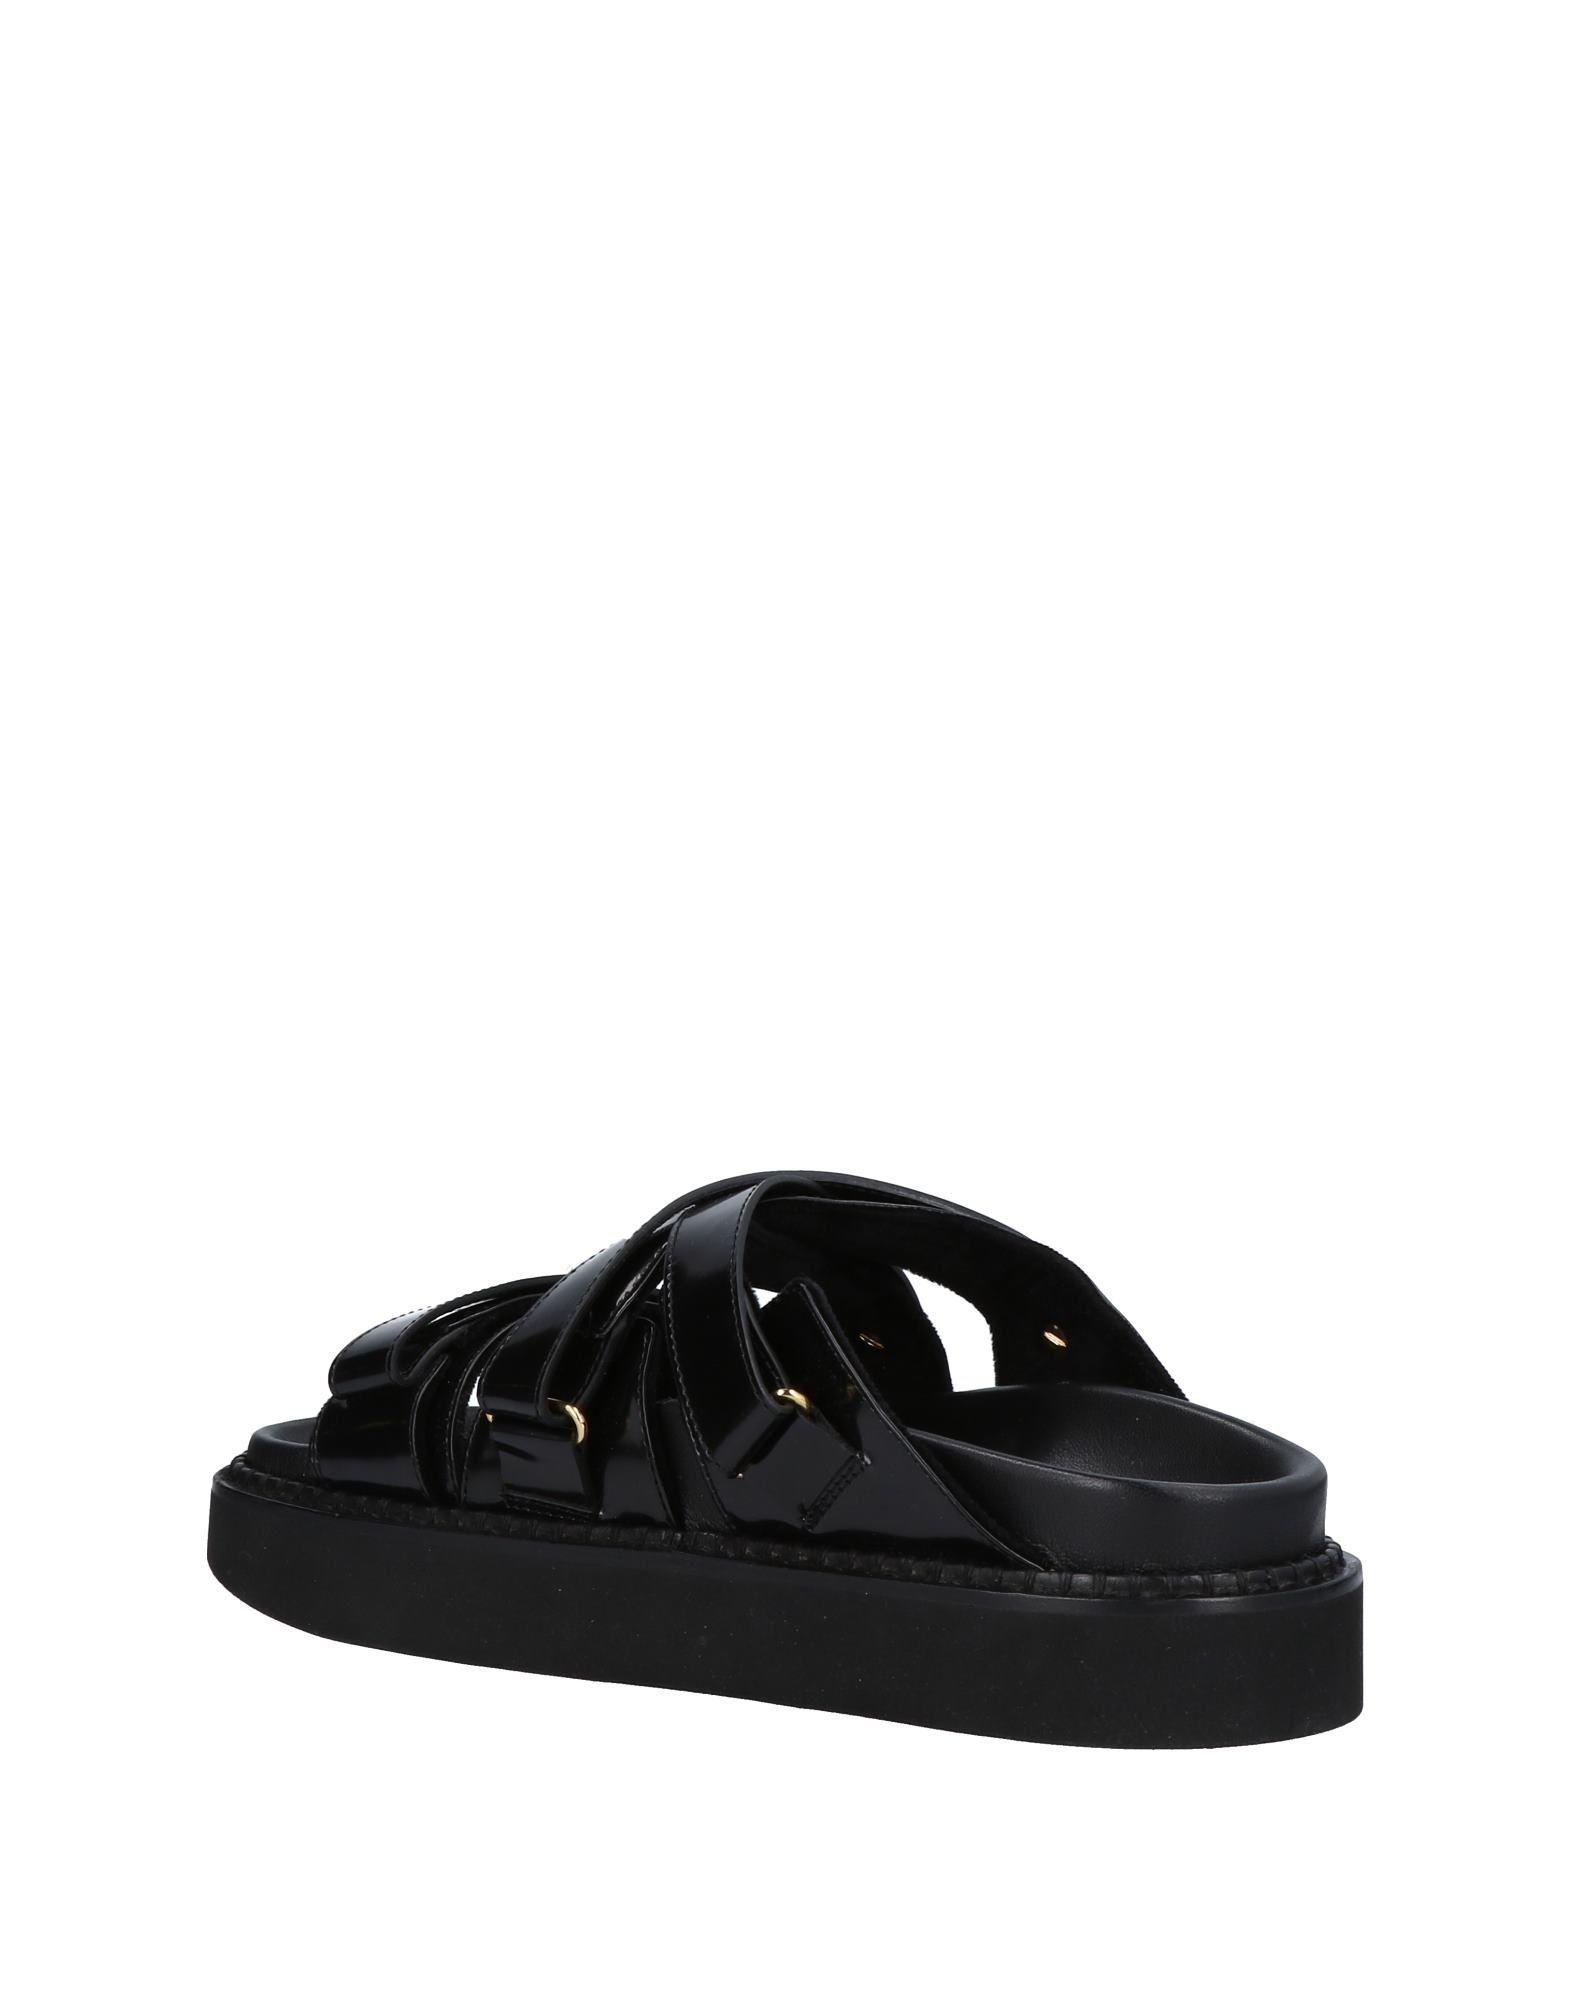 Rabatt Damen Schuhe Simone Rocha Sandalen Damen Rabatt  11463085CF 48a61f